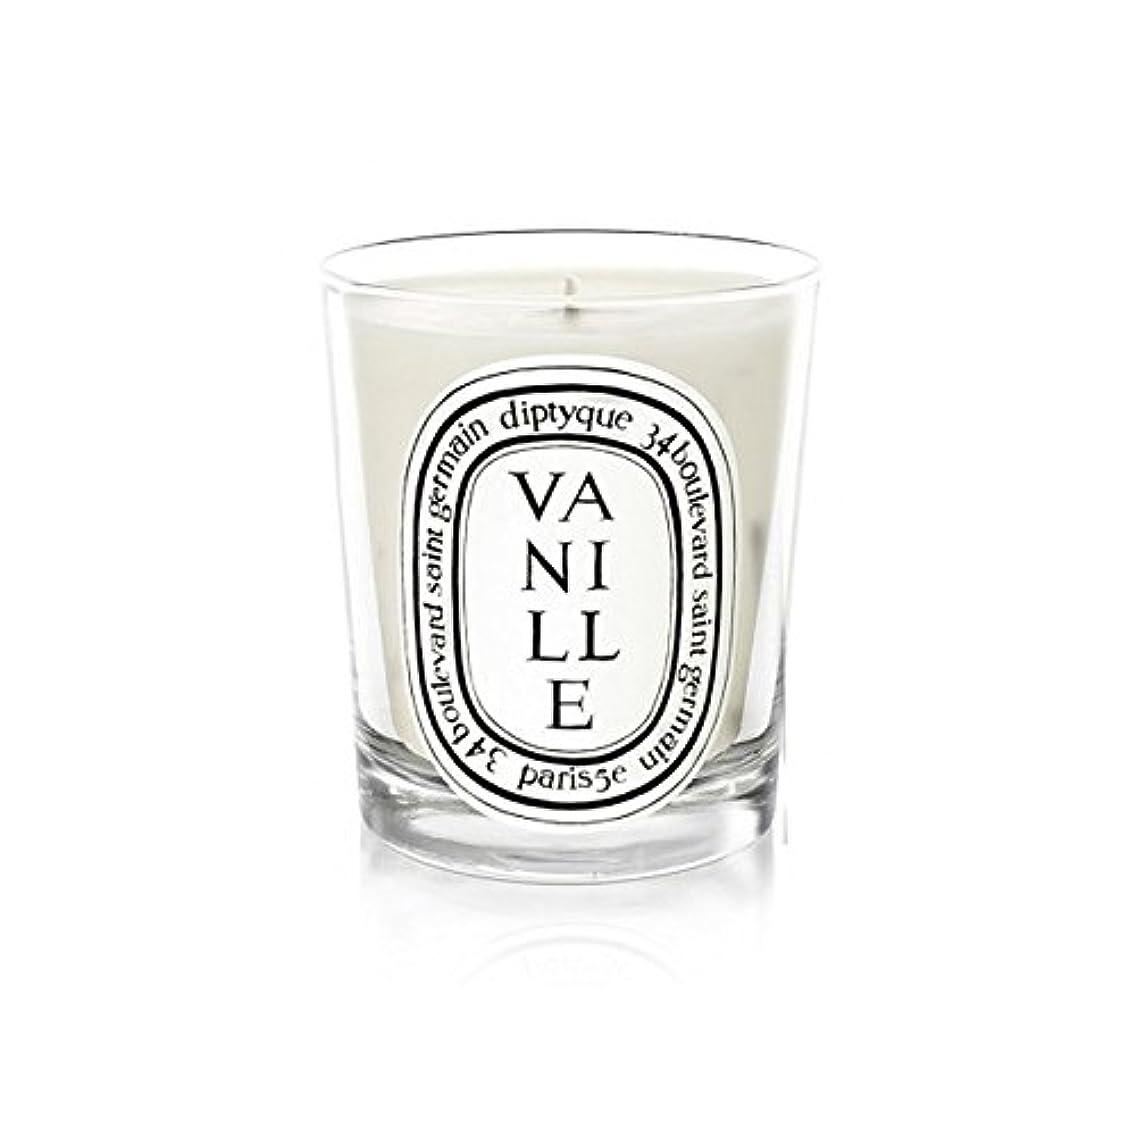 本質的ではないストレージ区別するDiptyque Vanille Mini Candle 70g (Pack of 2) - Diptyqueのヴァニラミニキャンドル70グラム (x2) [並行輸入品]